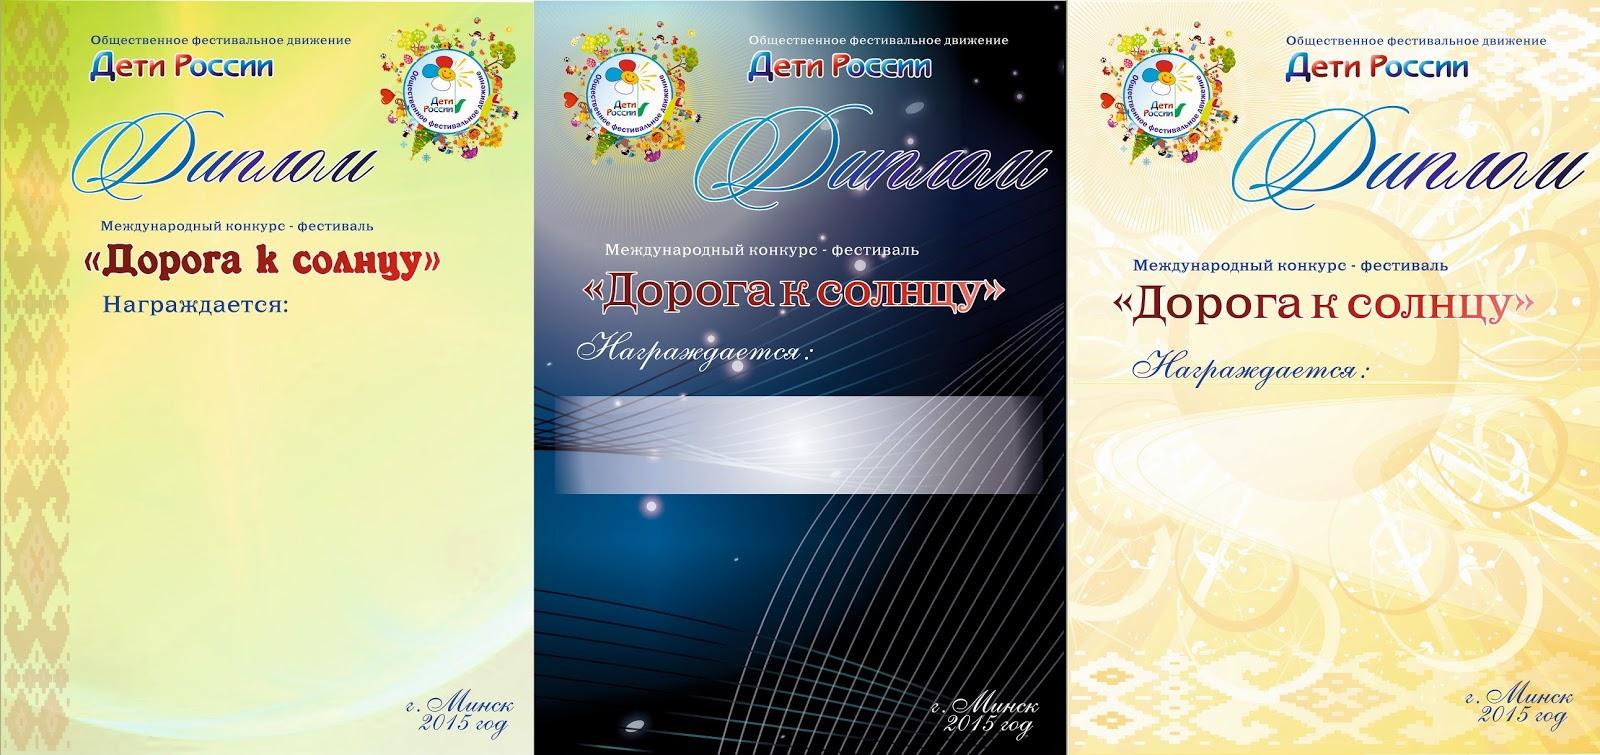 Графический дизайн логотип плакат фирменный стиль буклет  Варианты разработки макетов дипломов